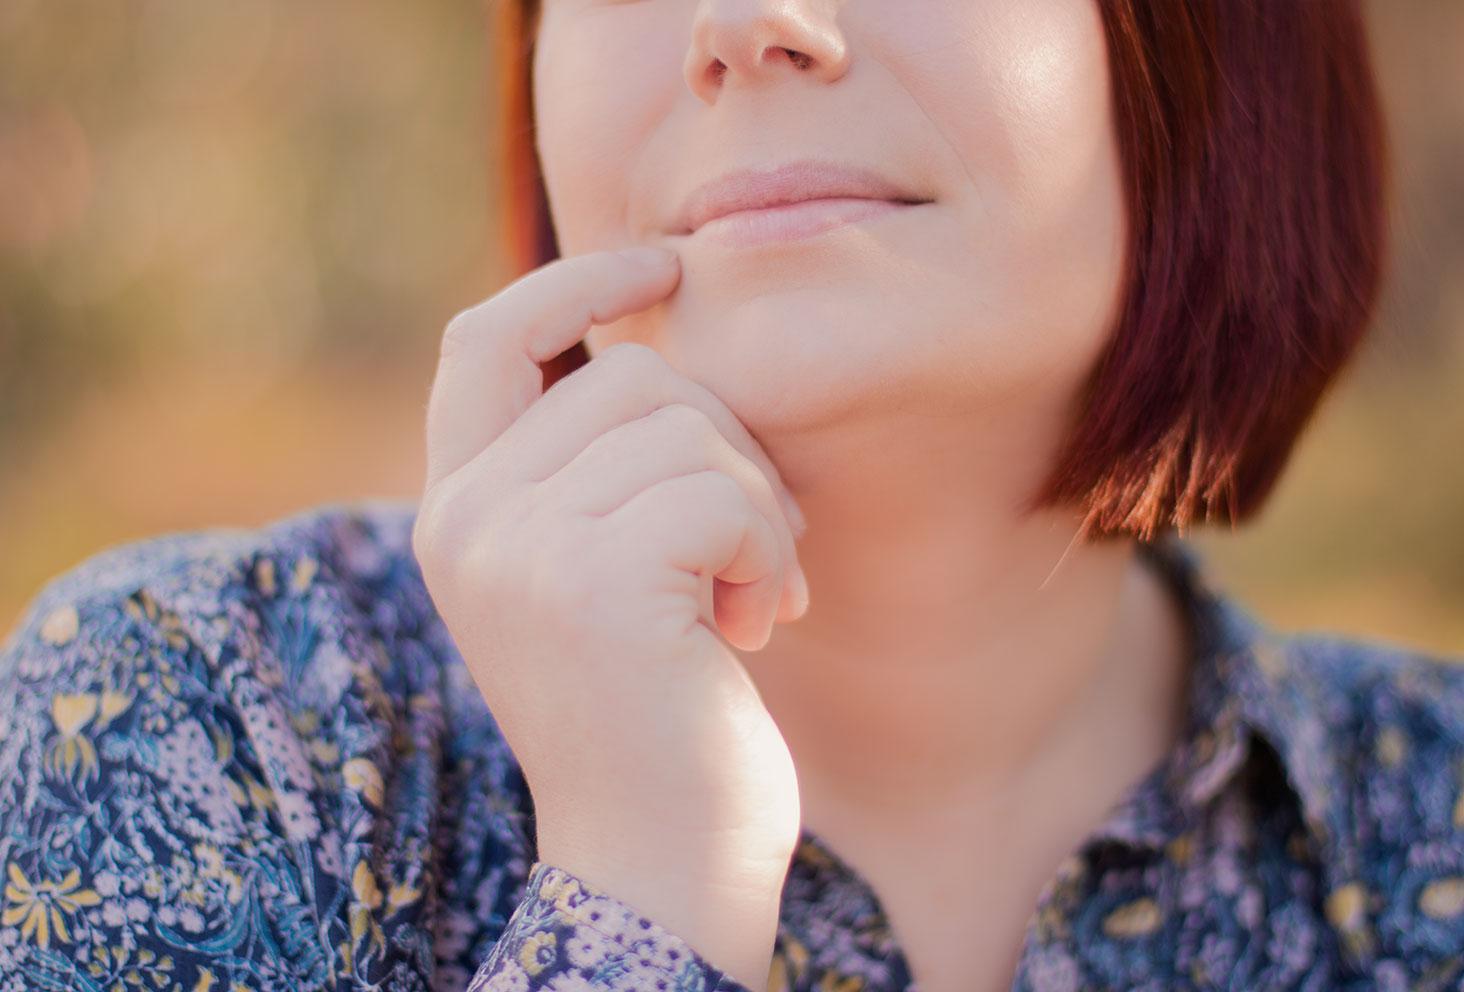 Zoom sur les lèvres pour montrer le résultat des baumes à lèvres